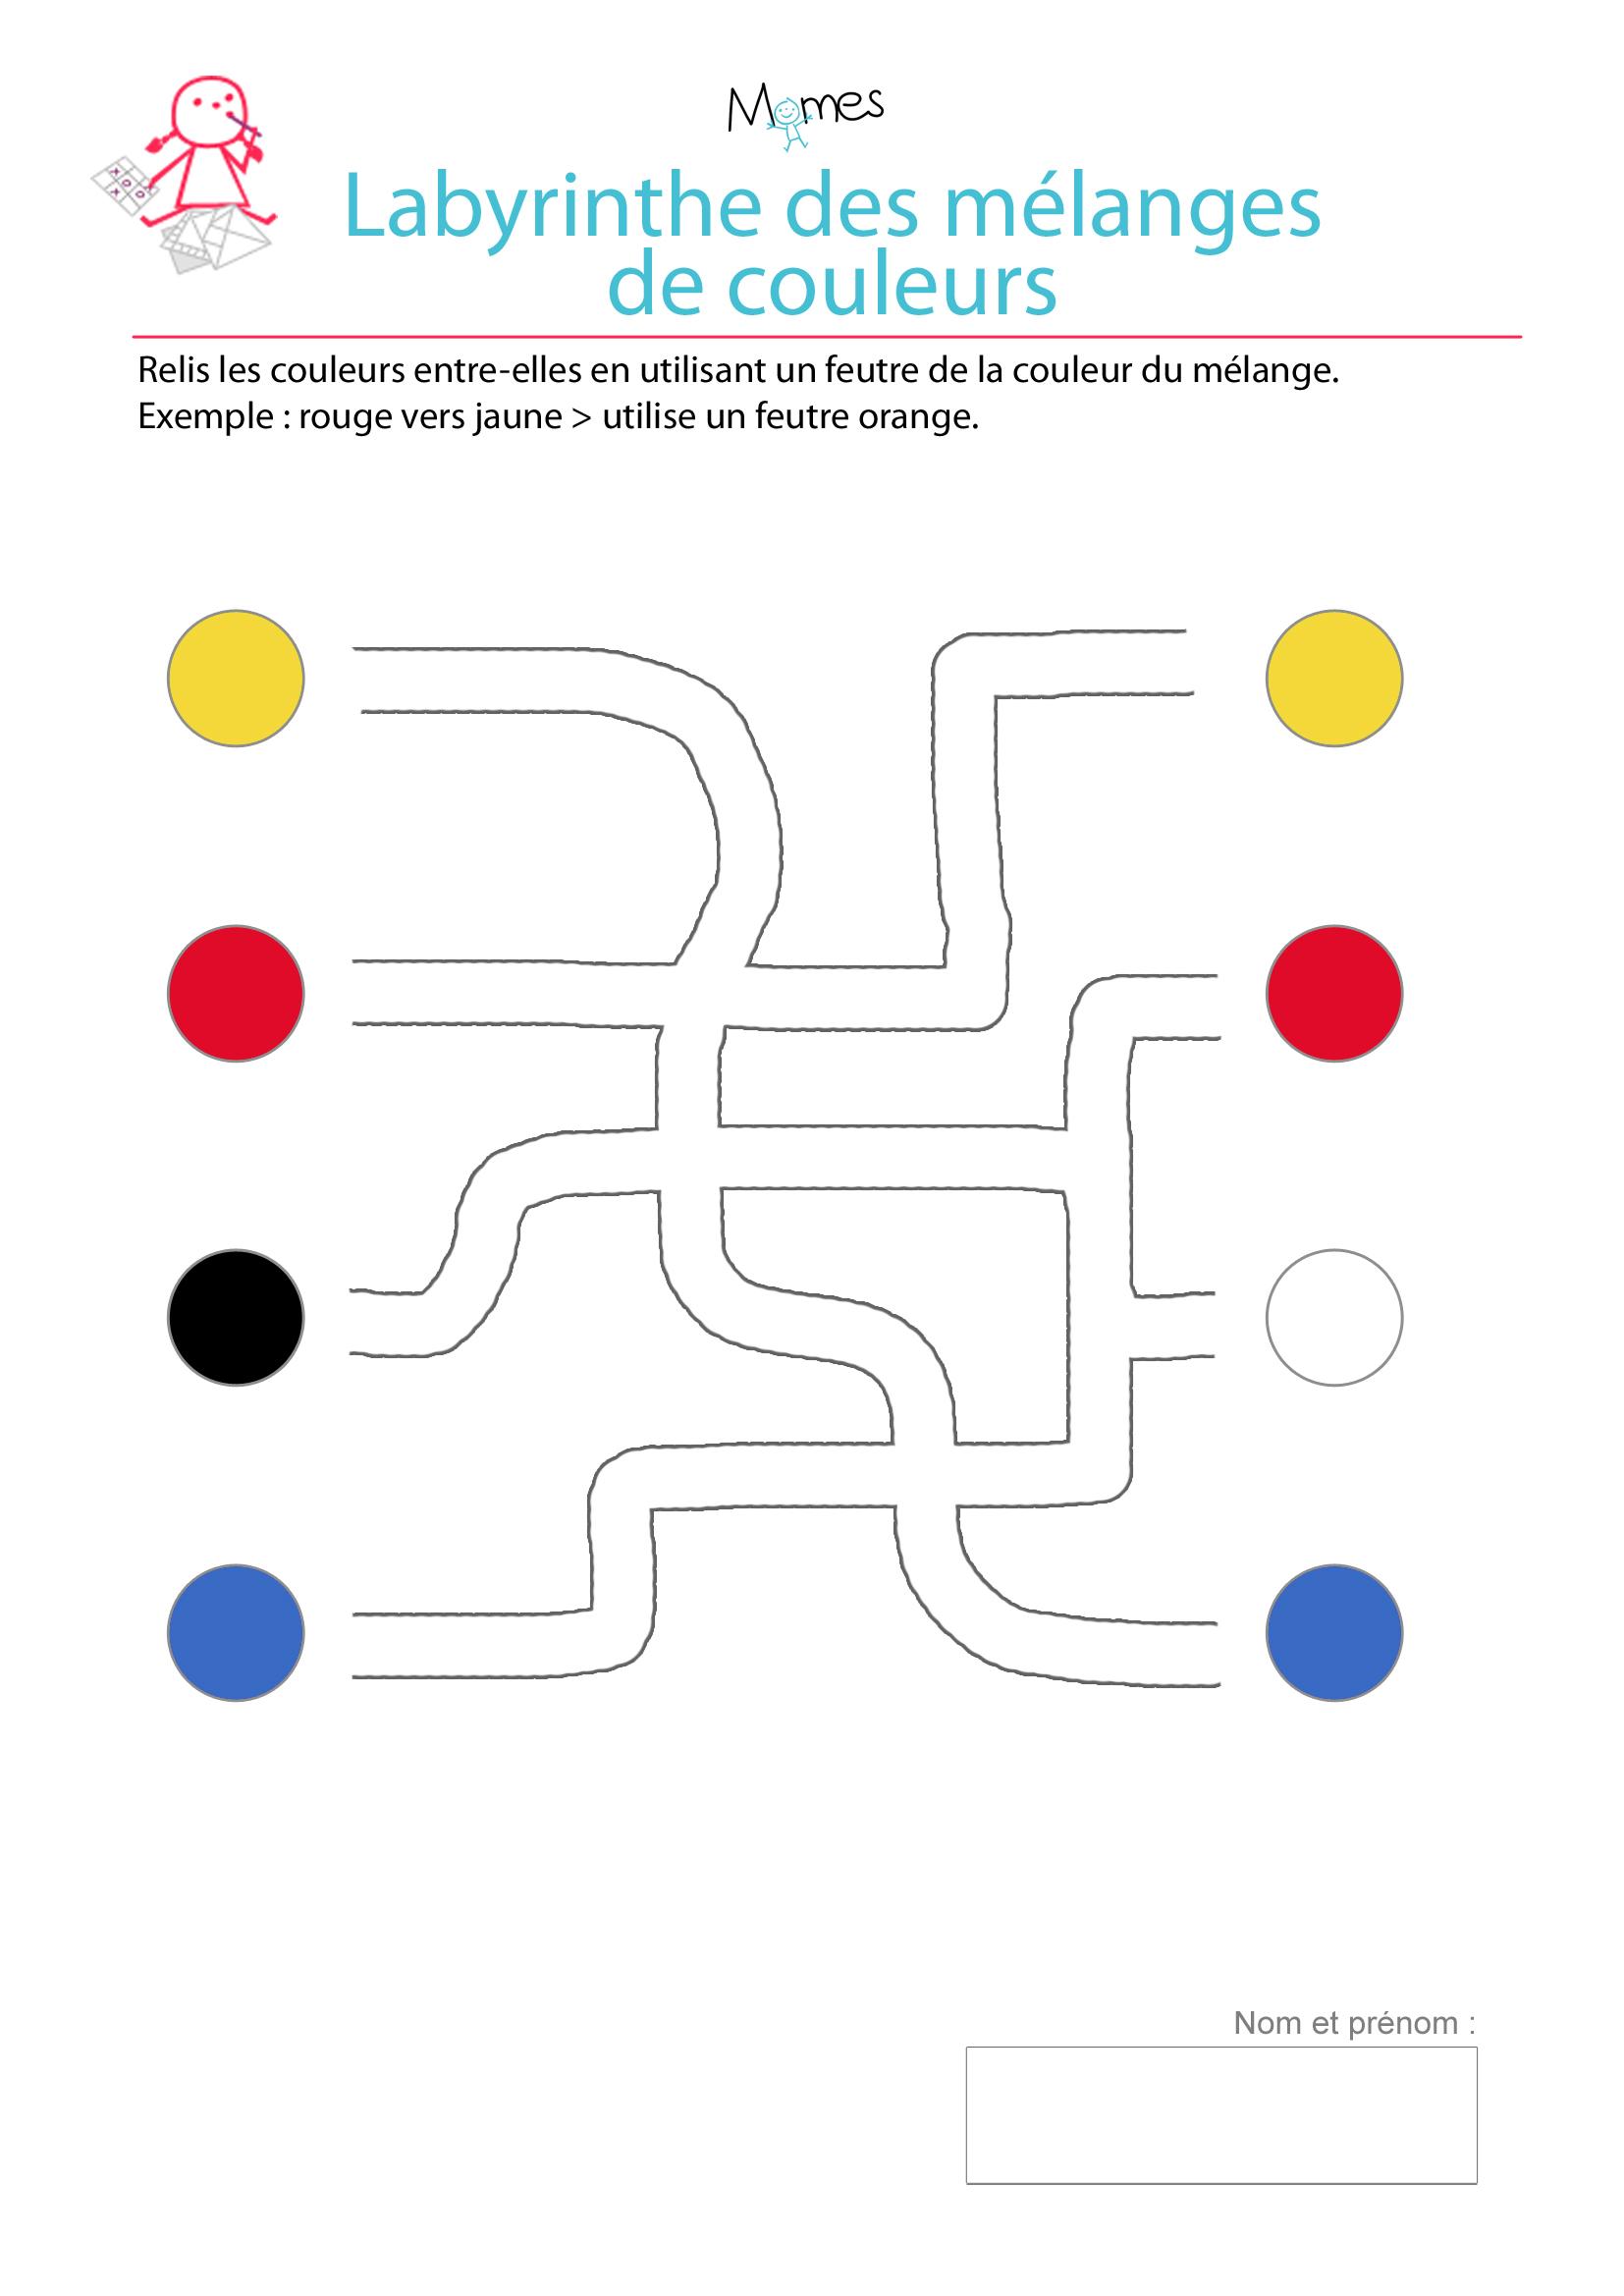 Le labyrinthes des couleurs